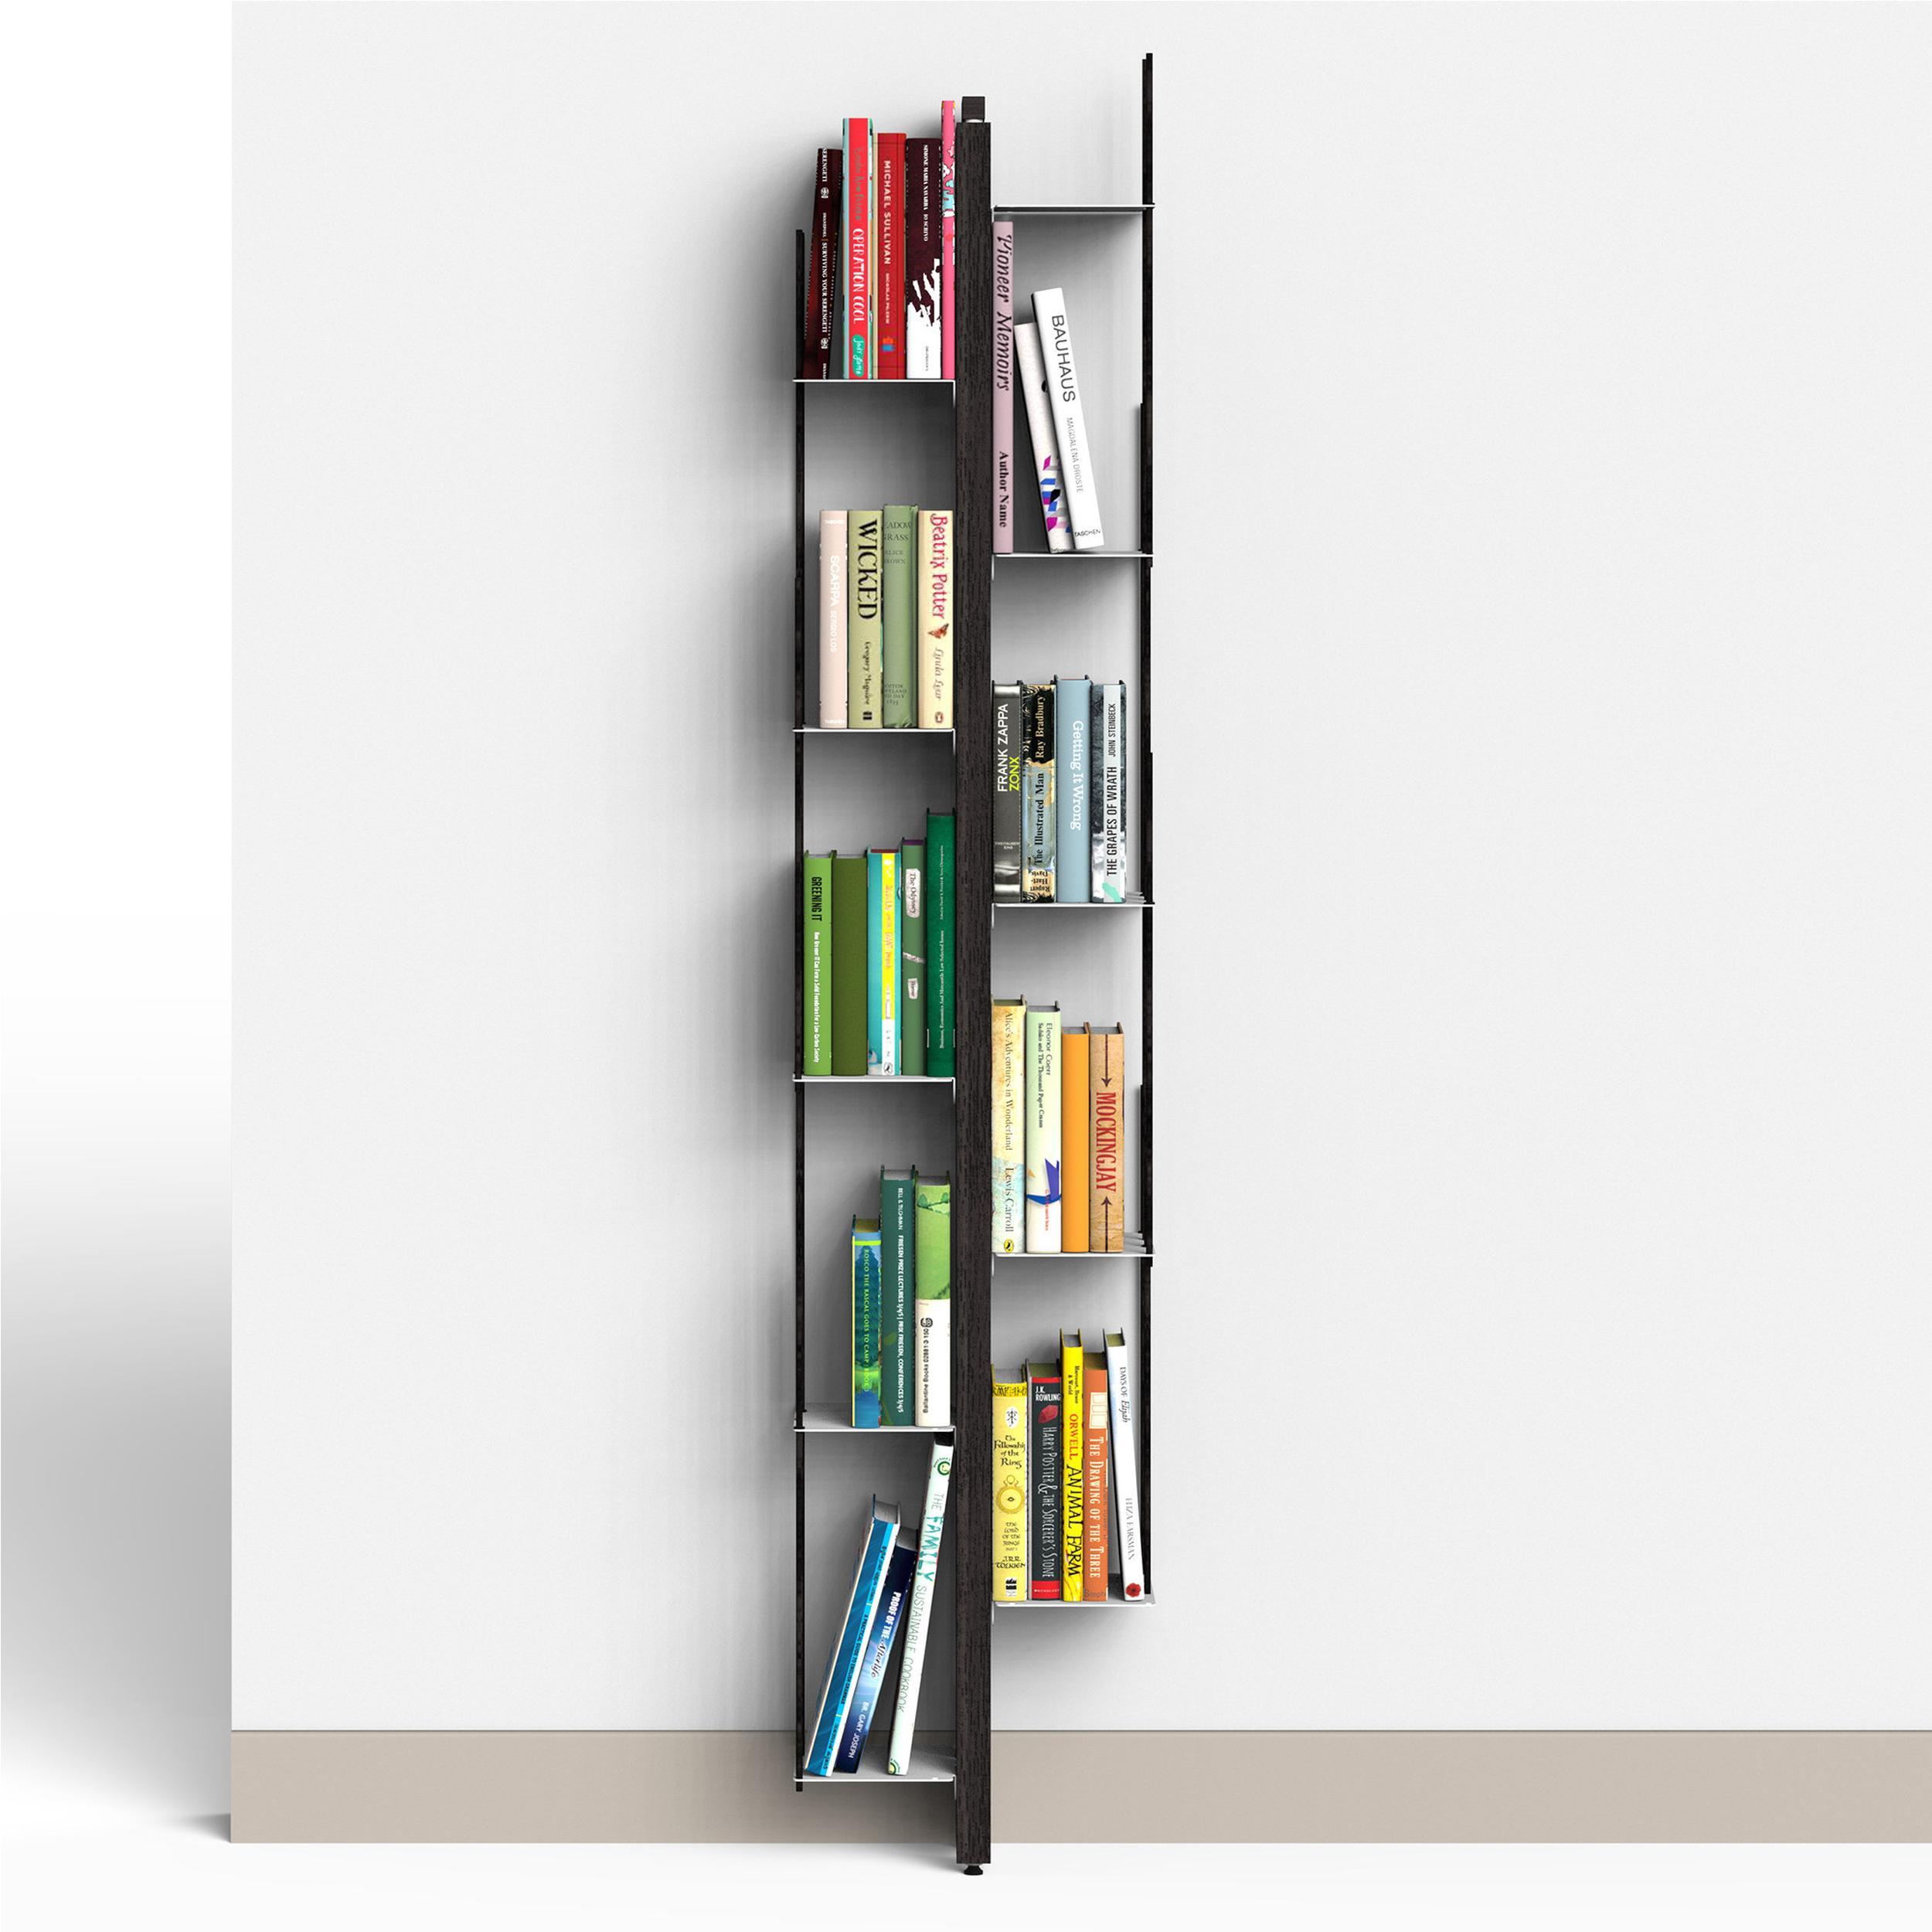 Libreria verticale Fissaggio a PARETE ZIA VERONICA 20x32xh 155 cm con struttura e bacchette in legno massello di faggio evaporato colore NERO Mensole